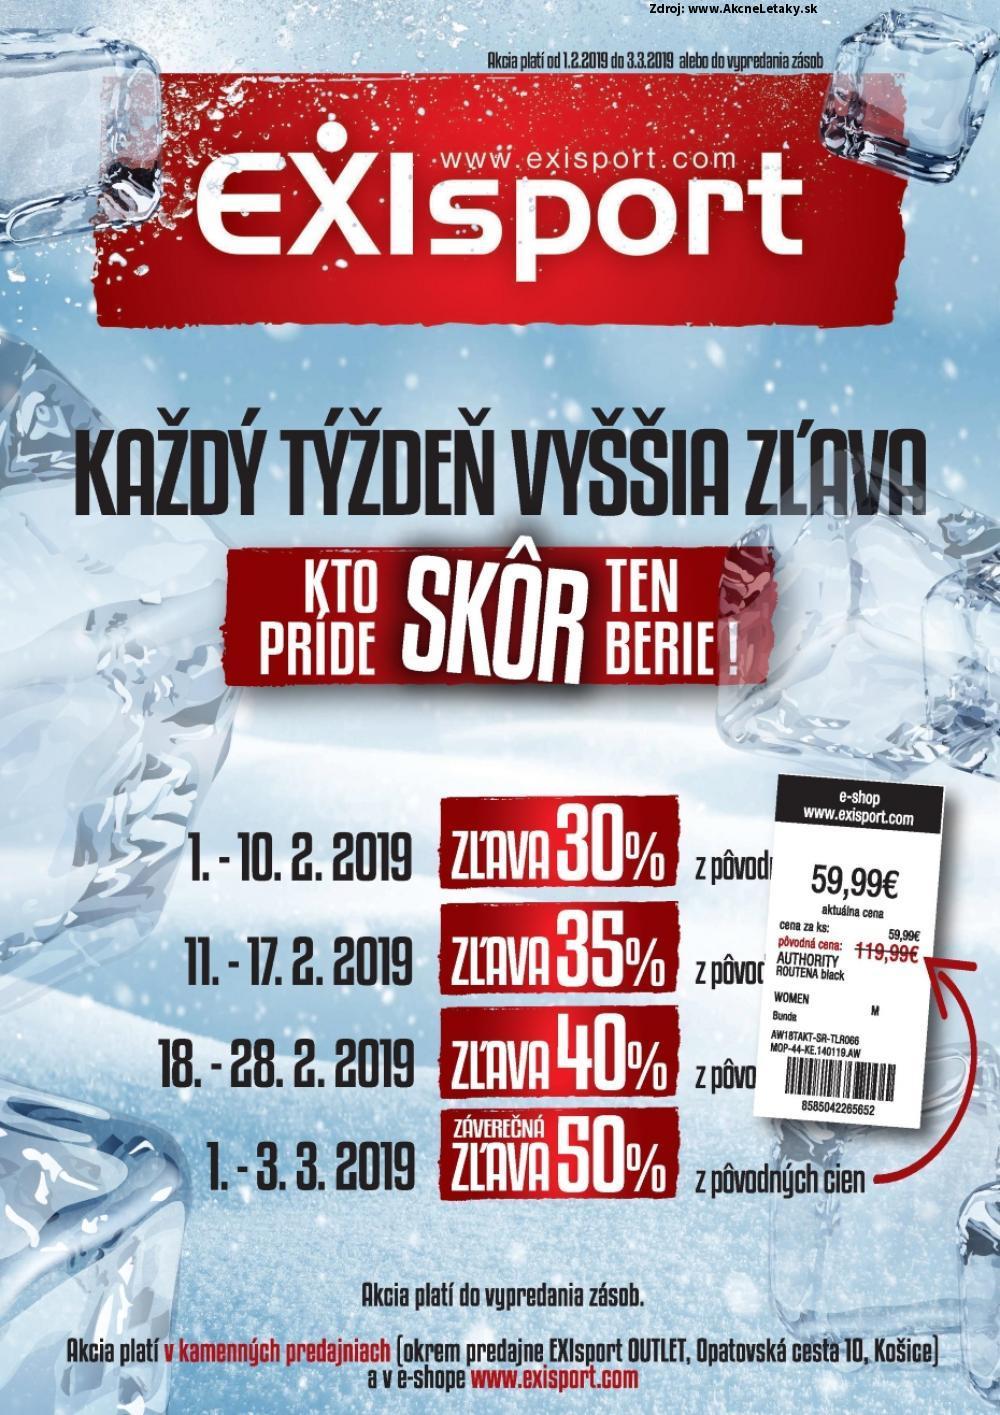 Leták EXIsport - strana 1